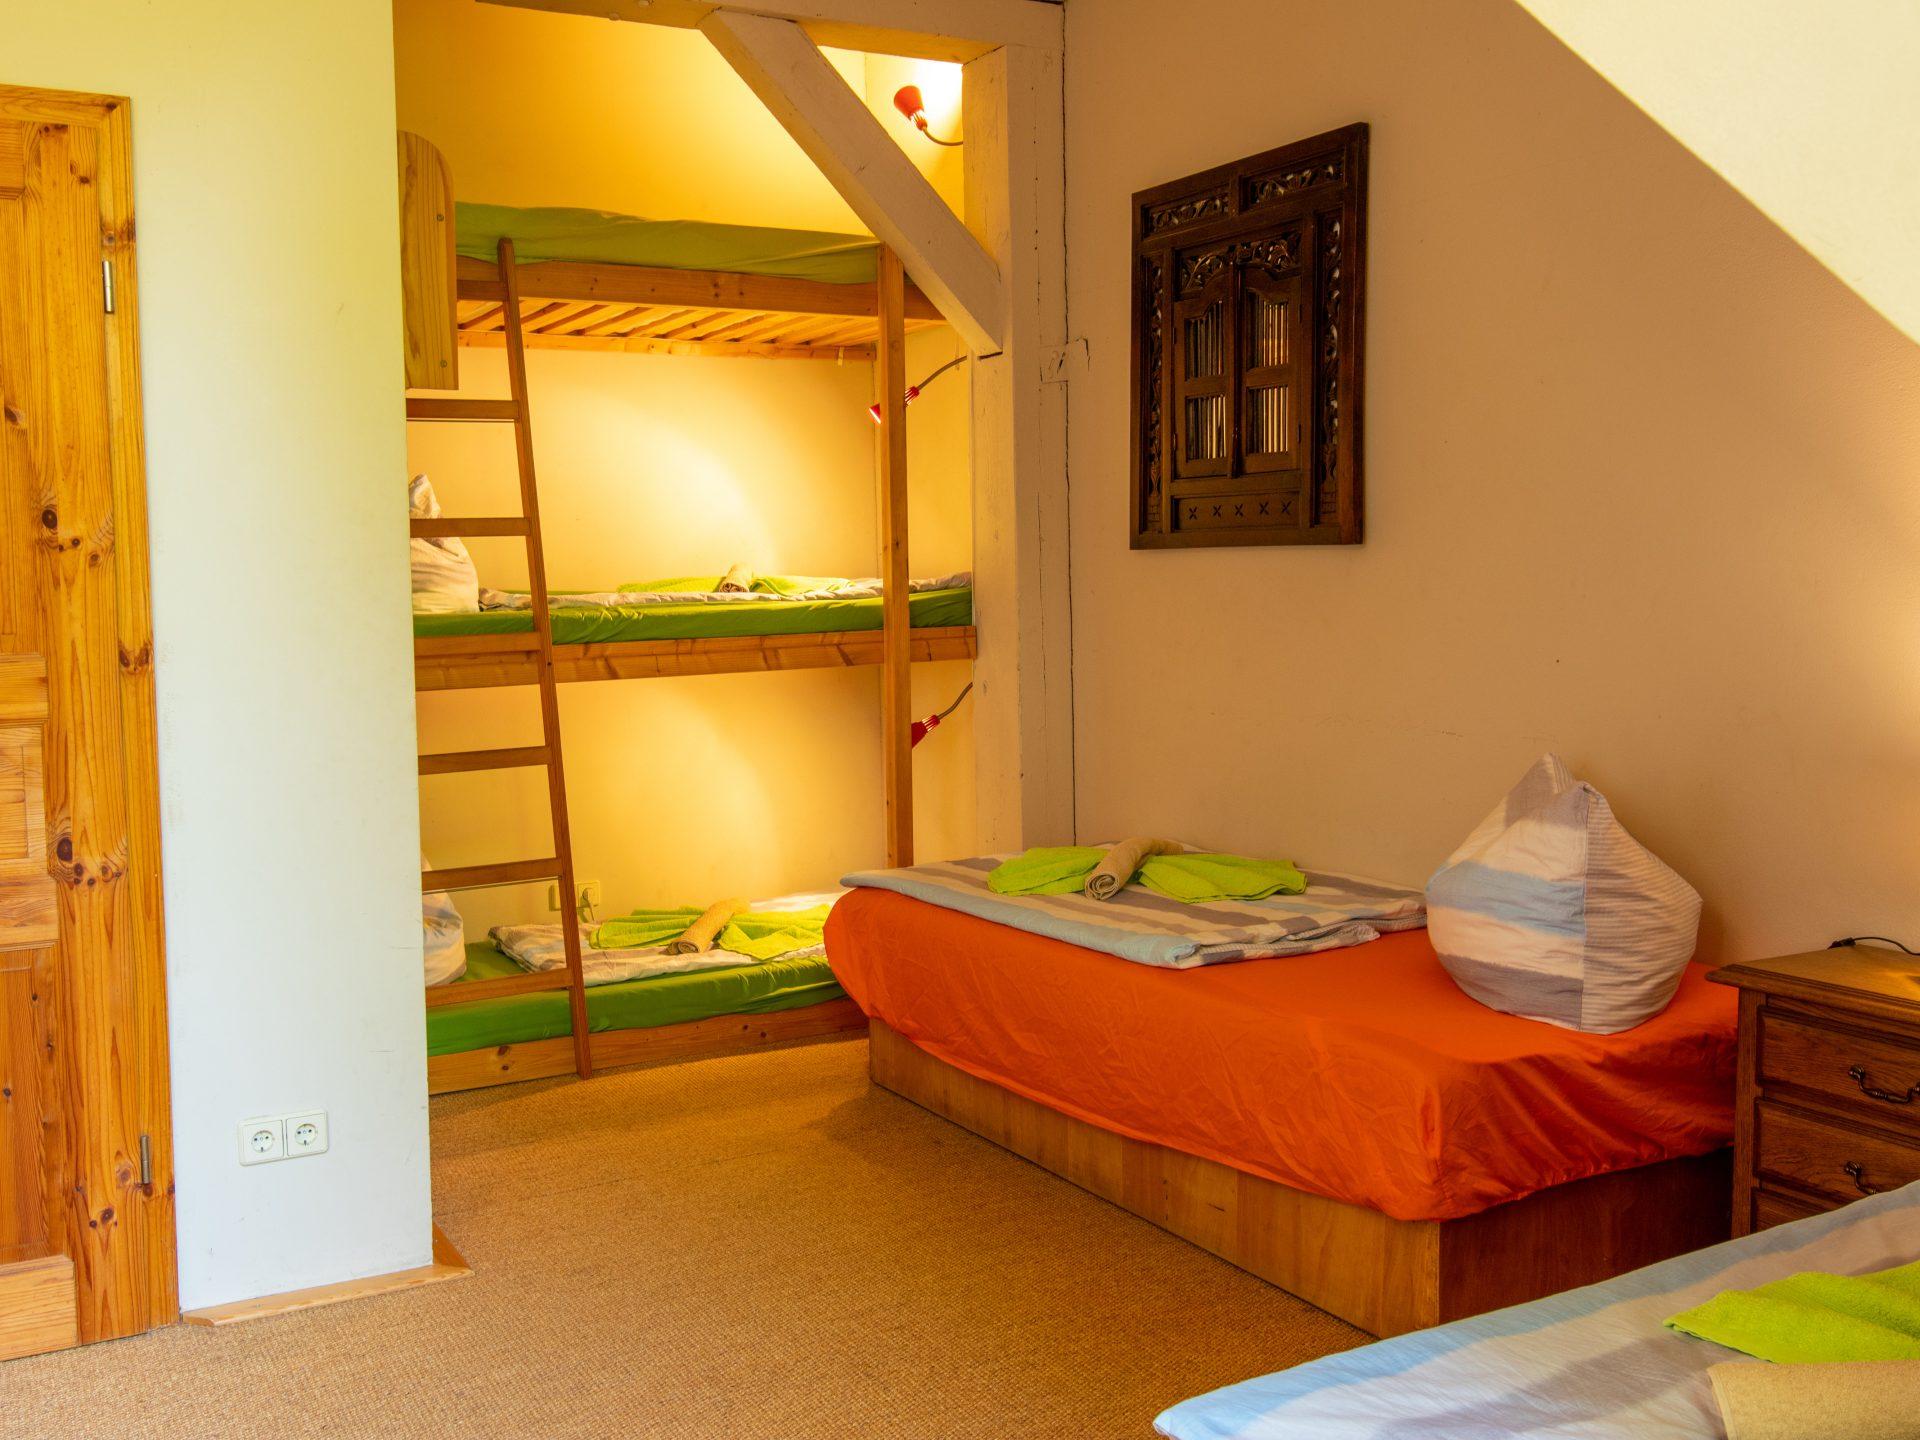 Schlafzimmer mit 2 Einzelbetten und Etagenbett